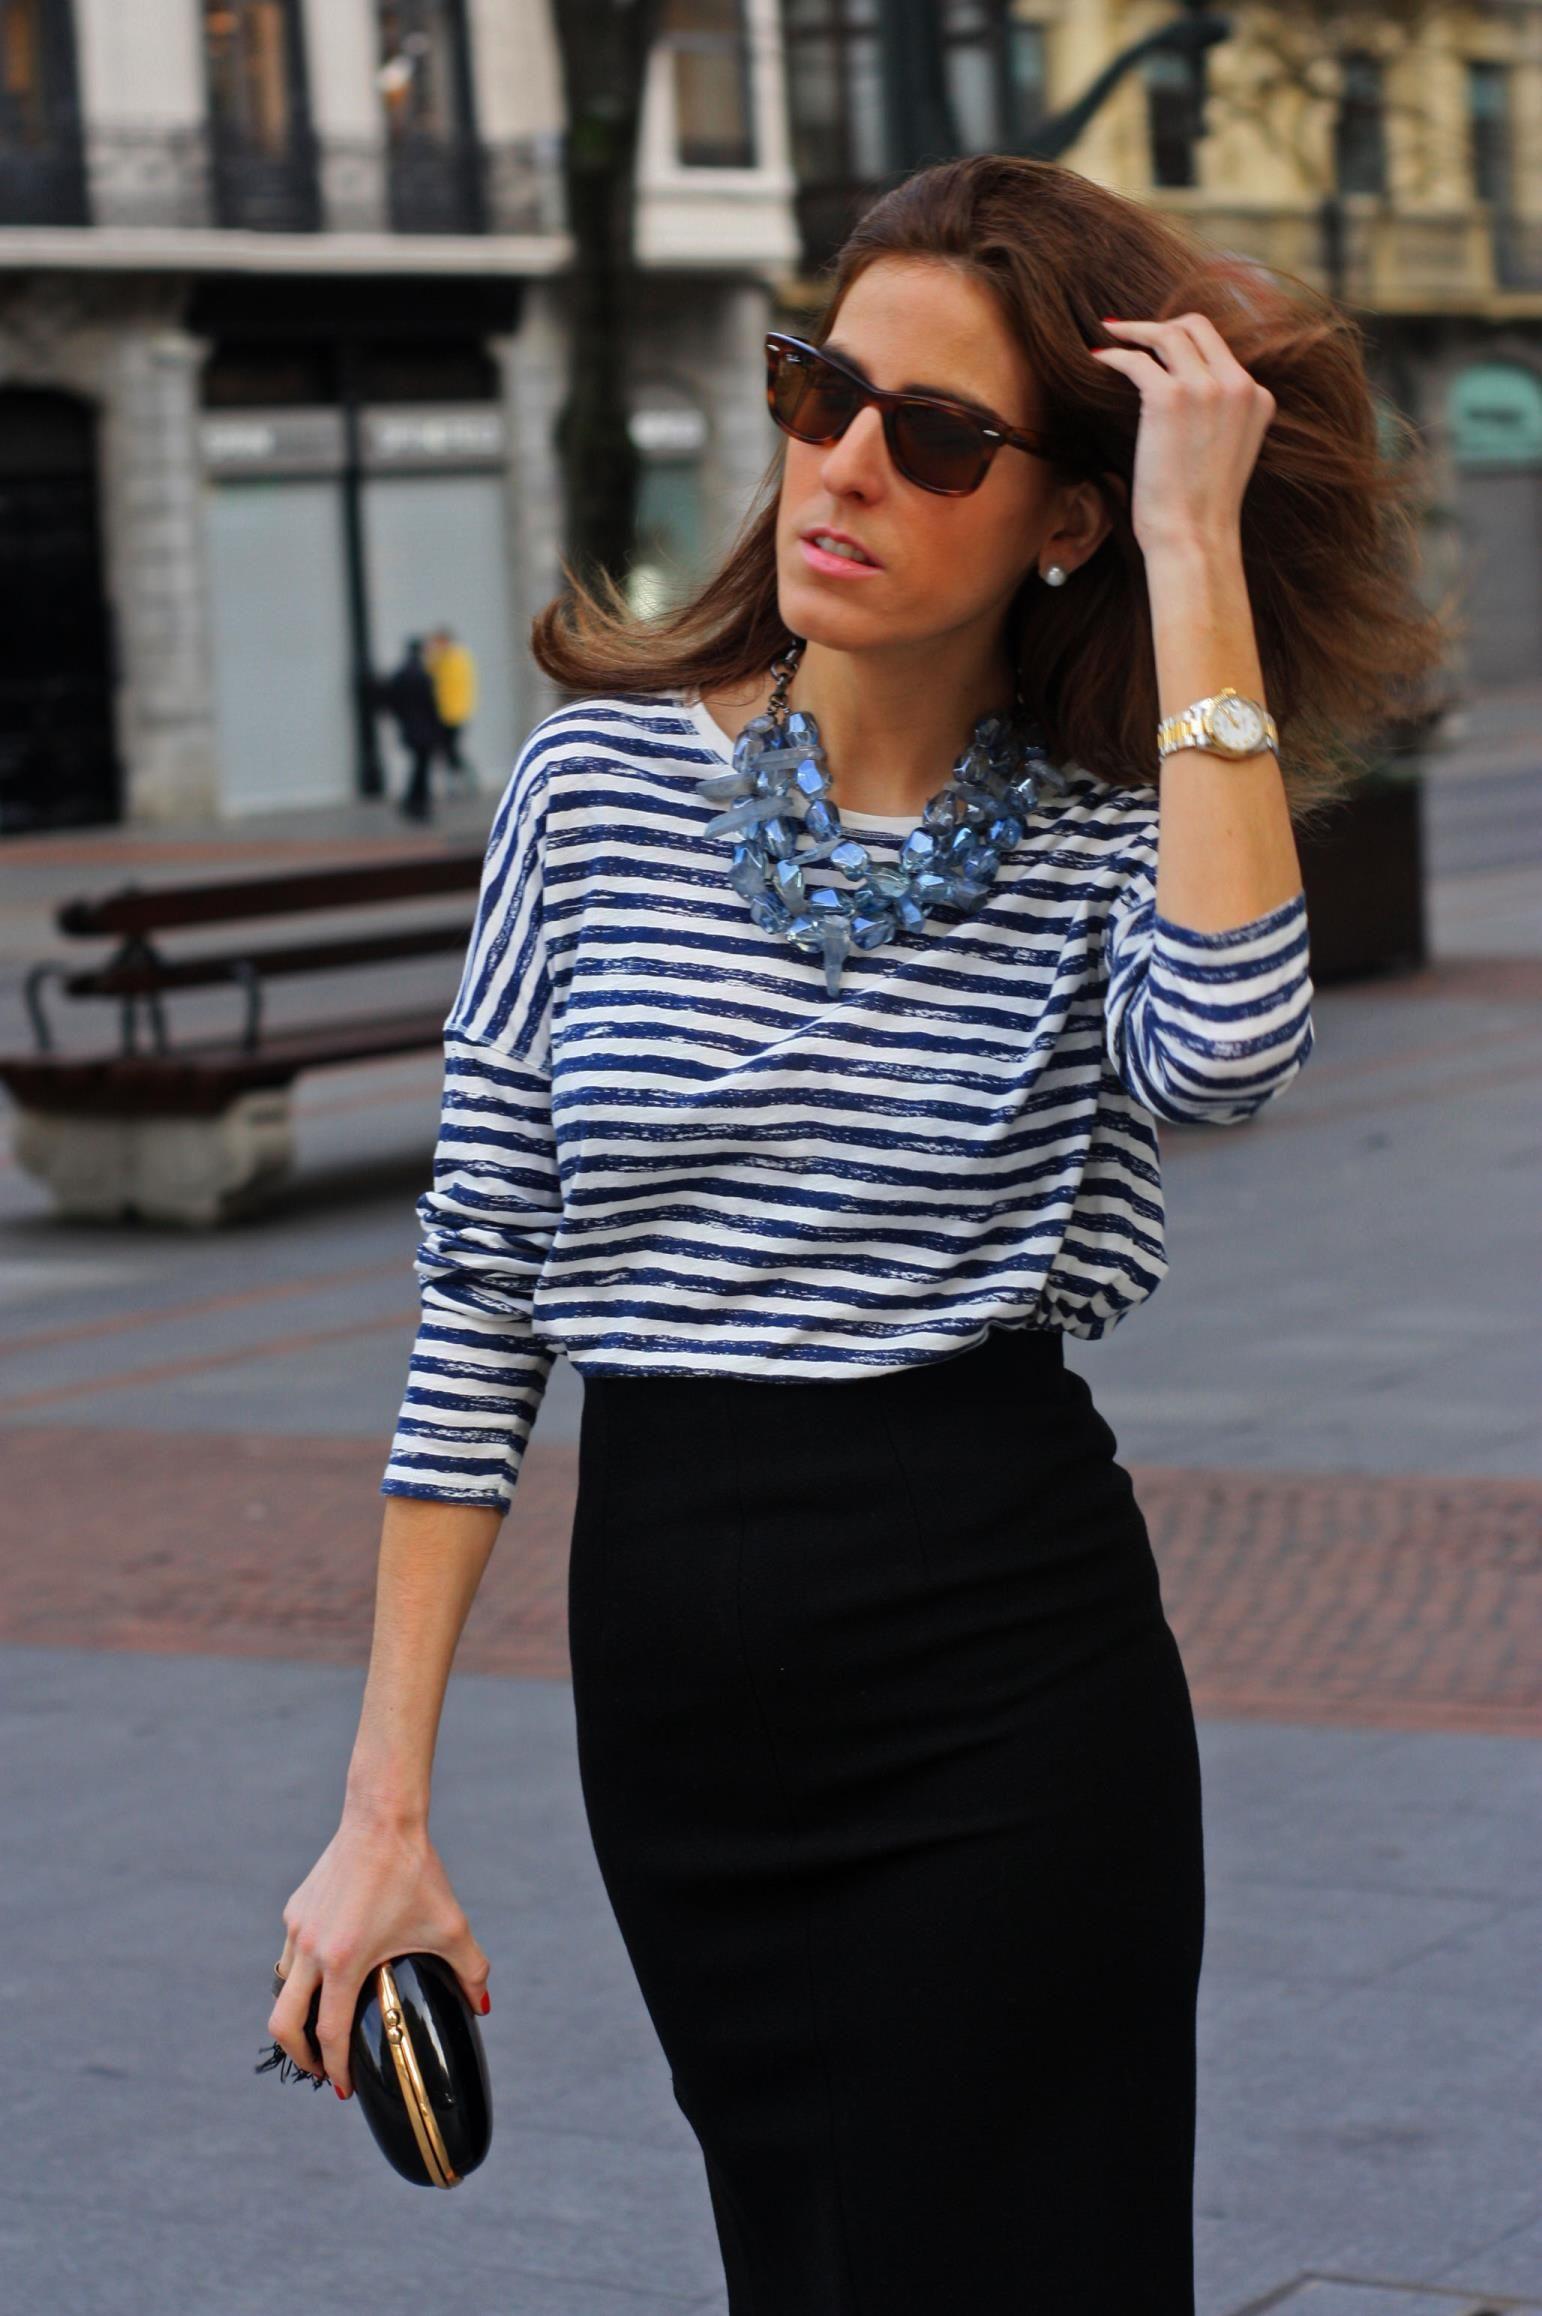 online store 3e0e9 08a43 Blog de moda - Hoy os traemos un estilismo sobre cómo combinar una falda  lapiz negra. Combinamos una falda con camiseta básica de rayas y collar de  piedras ...